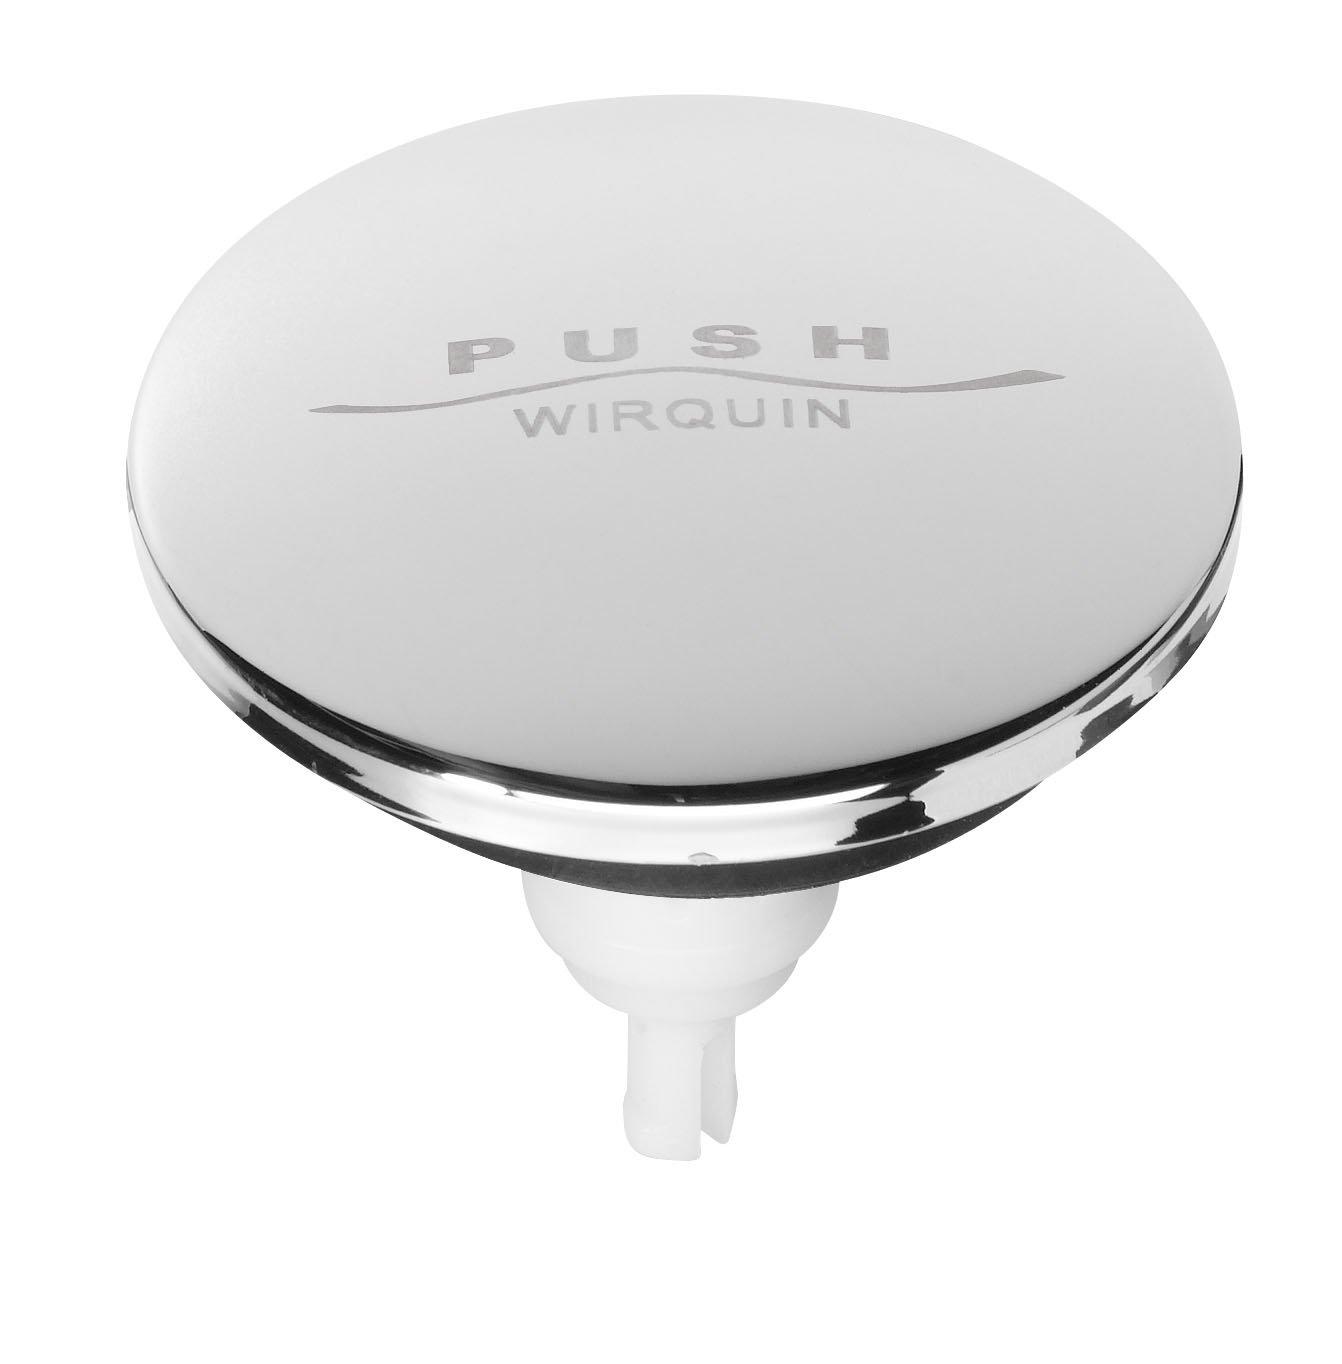 Wirquin sp9261s clapet de lavabo en inox quick clac diametre 6 5cm amazon fr bricolage